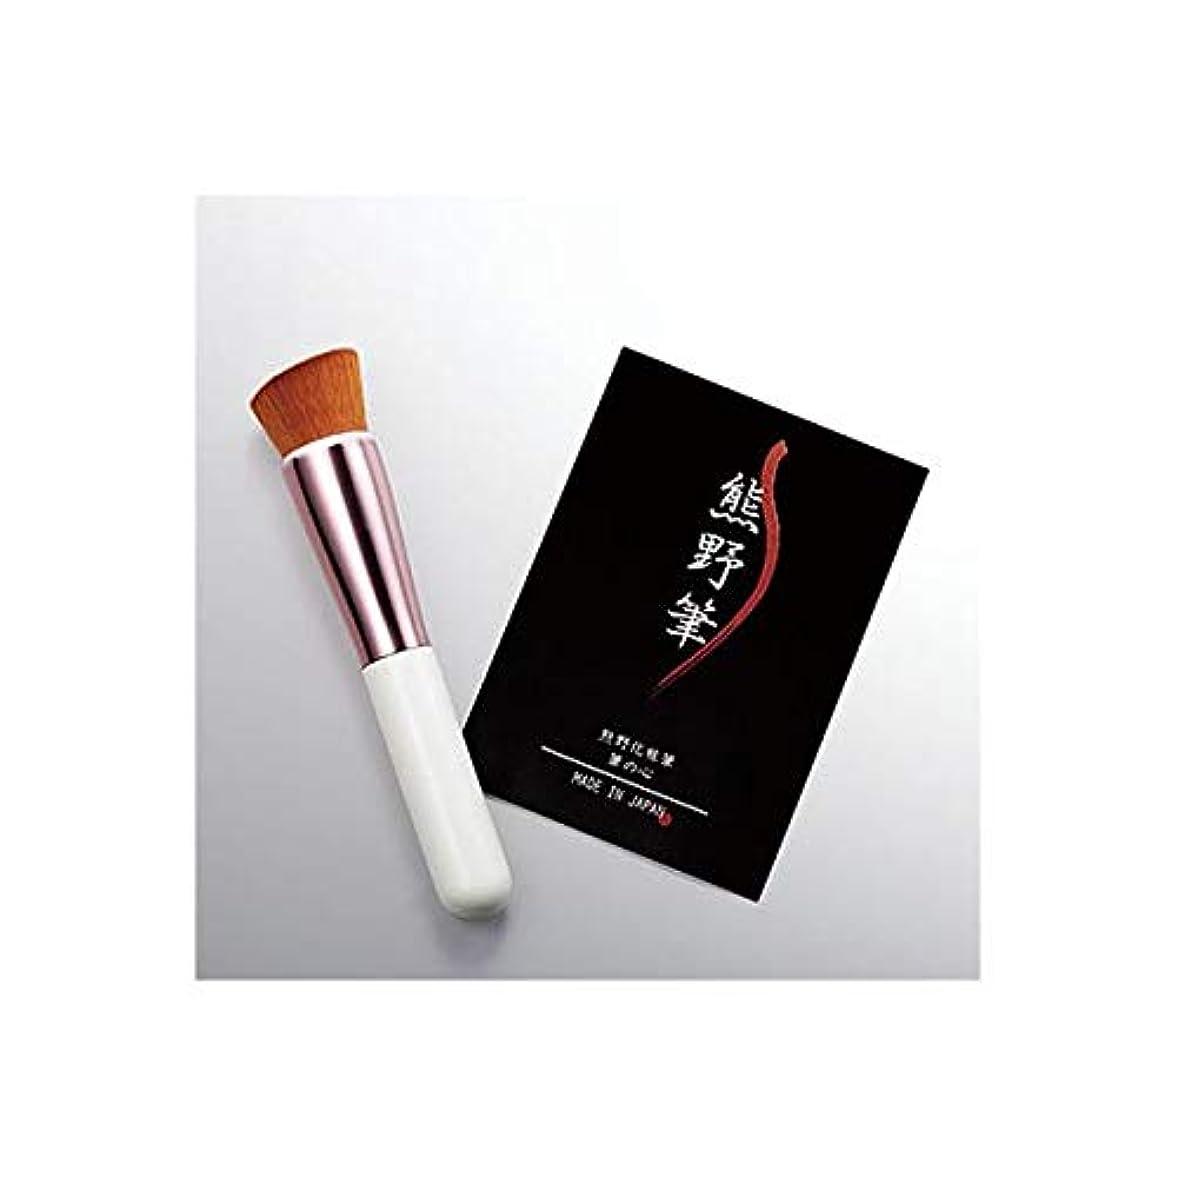 スナッチ多分校長[熊野化粧筆] 筆の心 リキッドブラシ